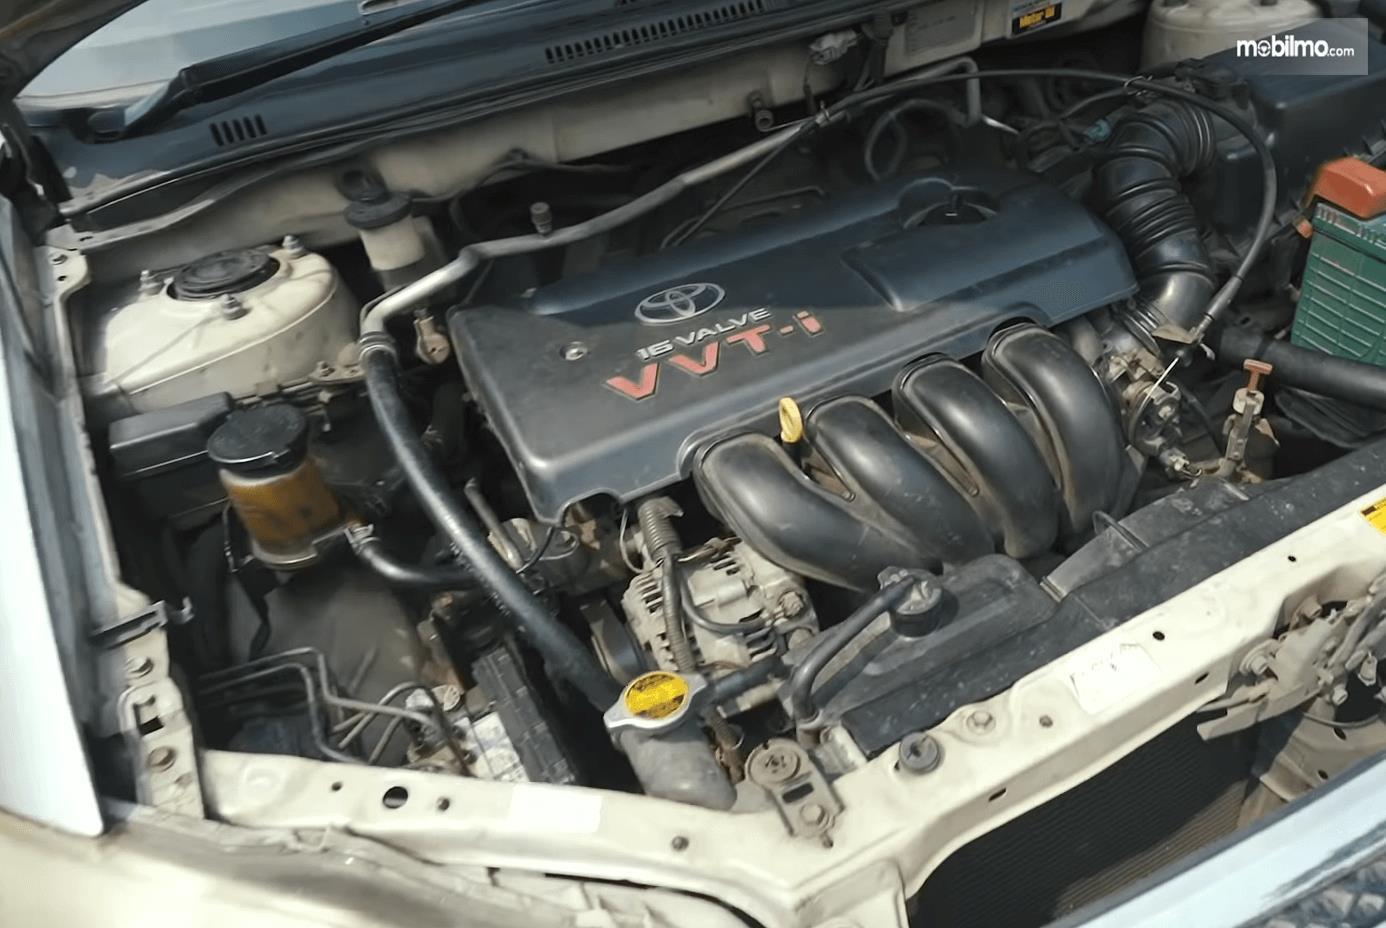 Gambar ini menunjukkan mesin mobil Toyota Corolla Altis 1.8 G 2005